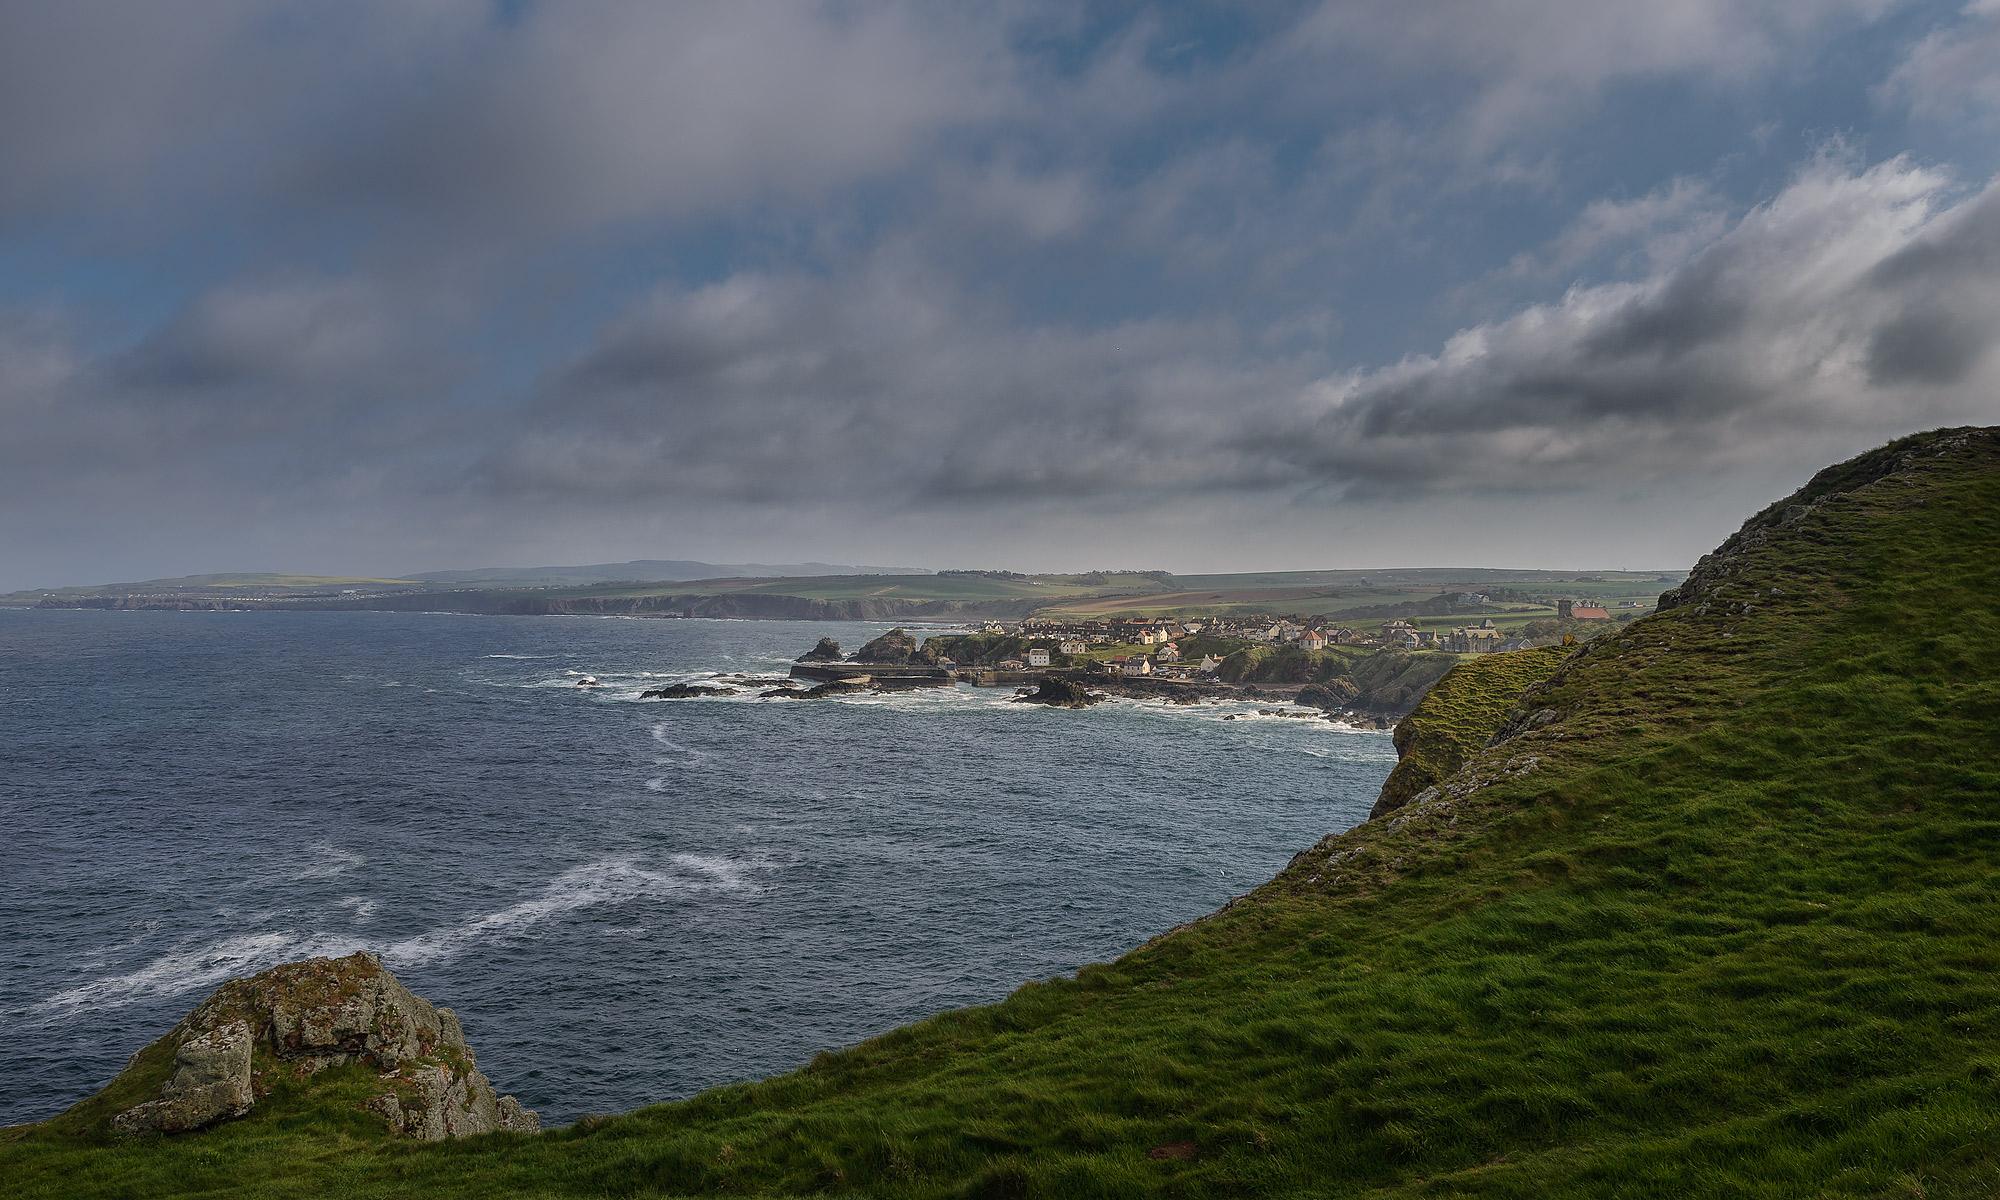 Blick von der Steilküste auf den kleinen Ort St. Abbs